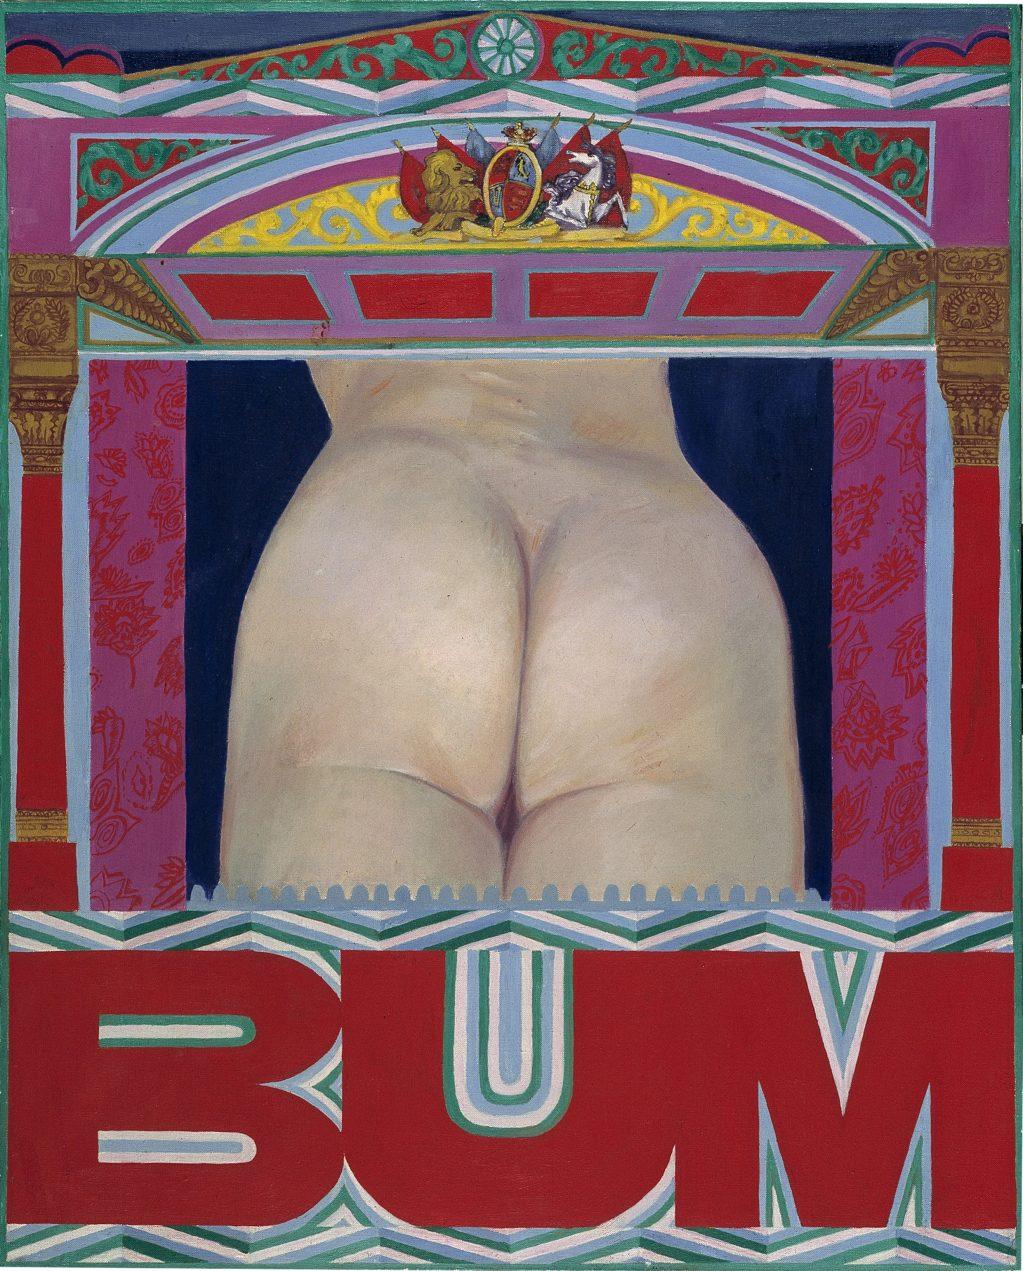 Pauline Boty, BUM, 1966